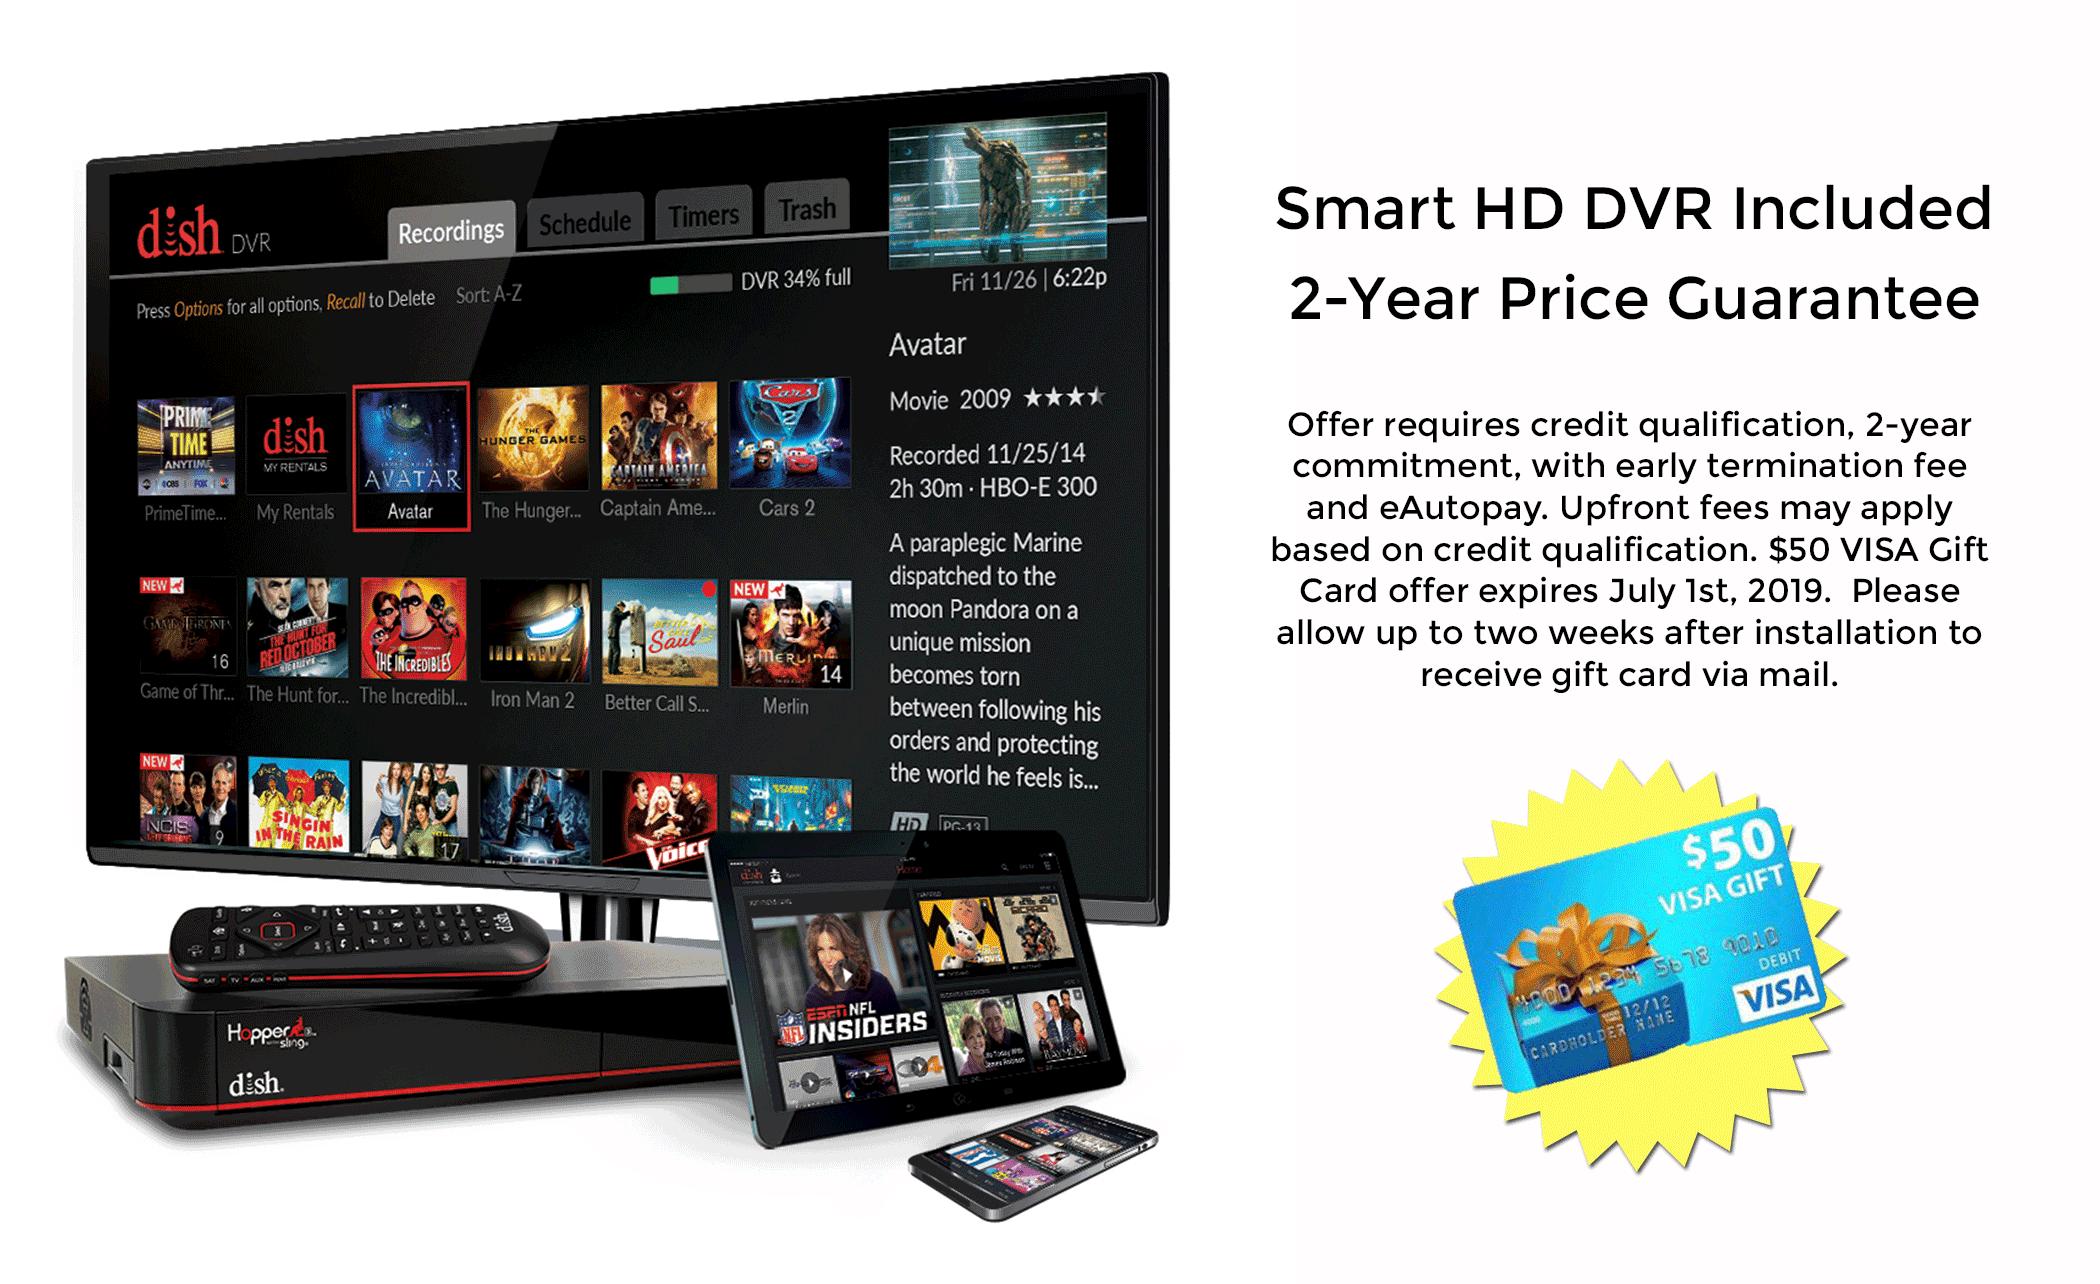 DISH-$50-VISA-website